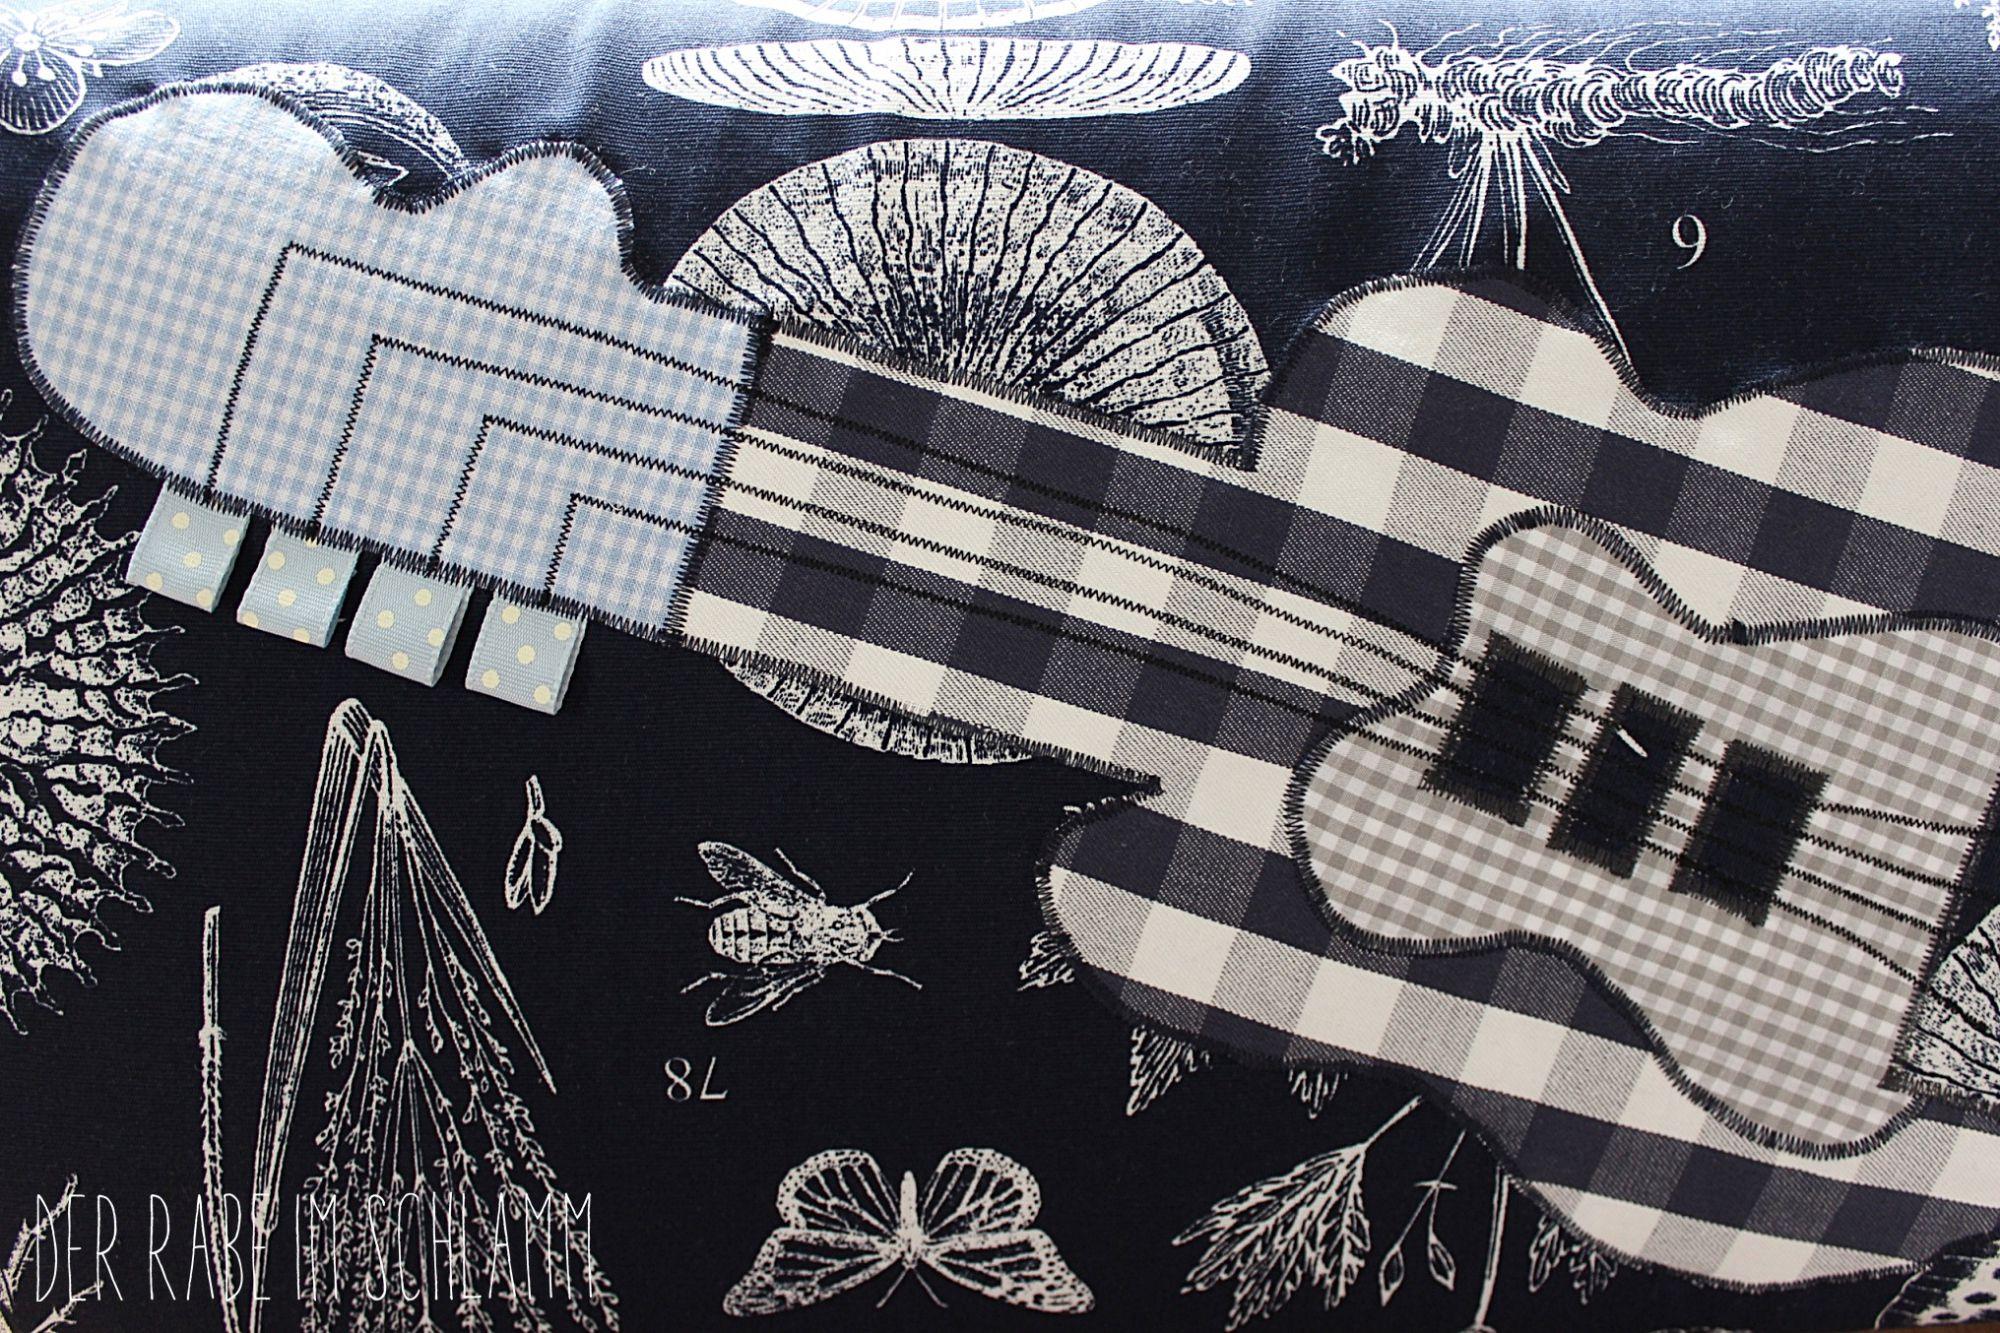 Der Rabe im Schlamm, Nähen, Kissen, Gitarre, Bodenkissen